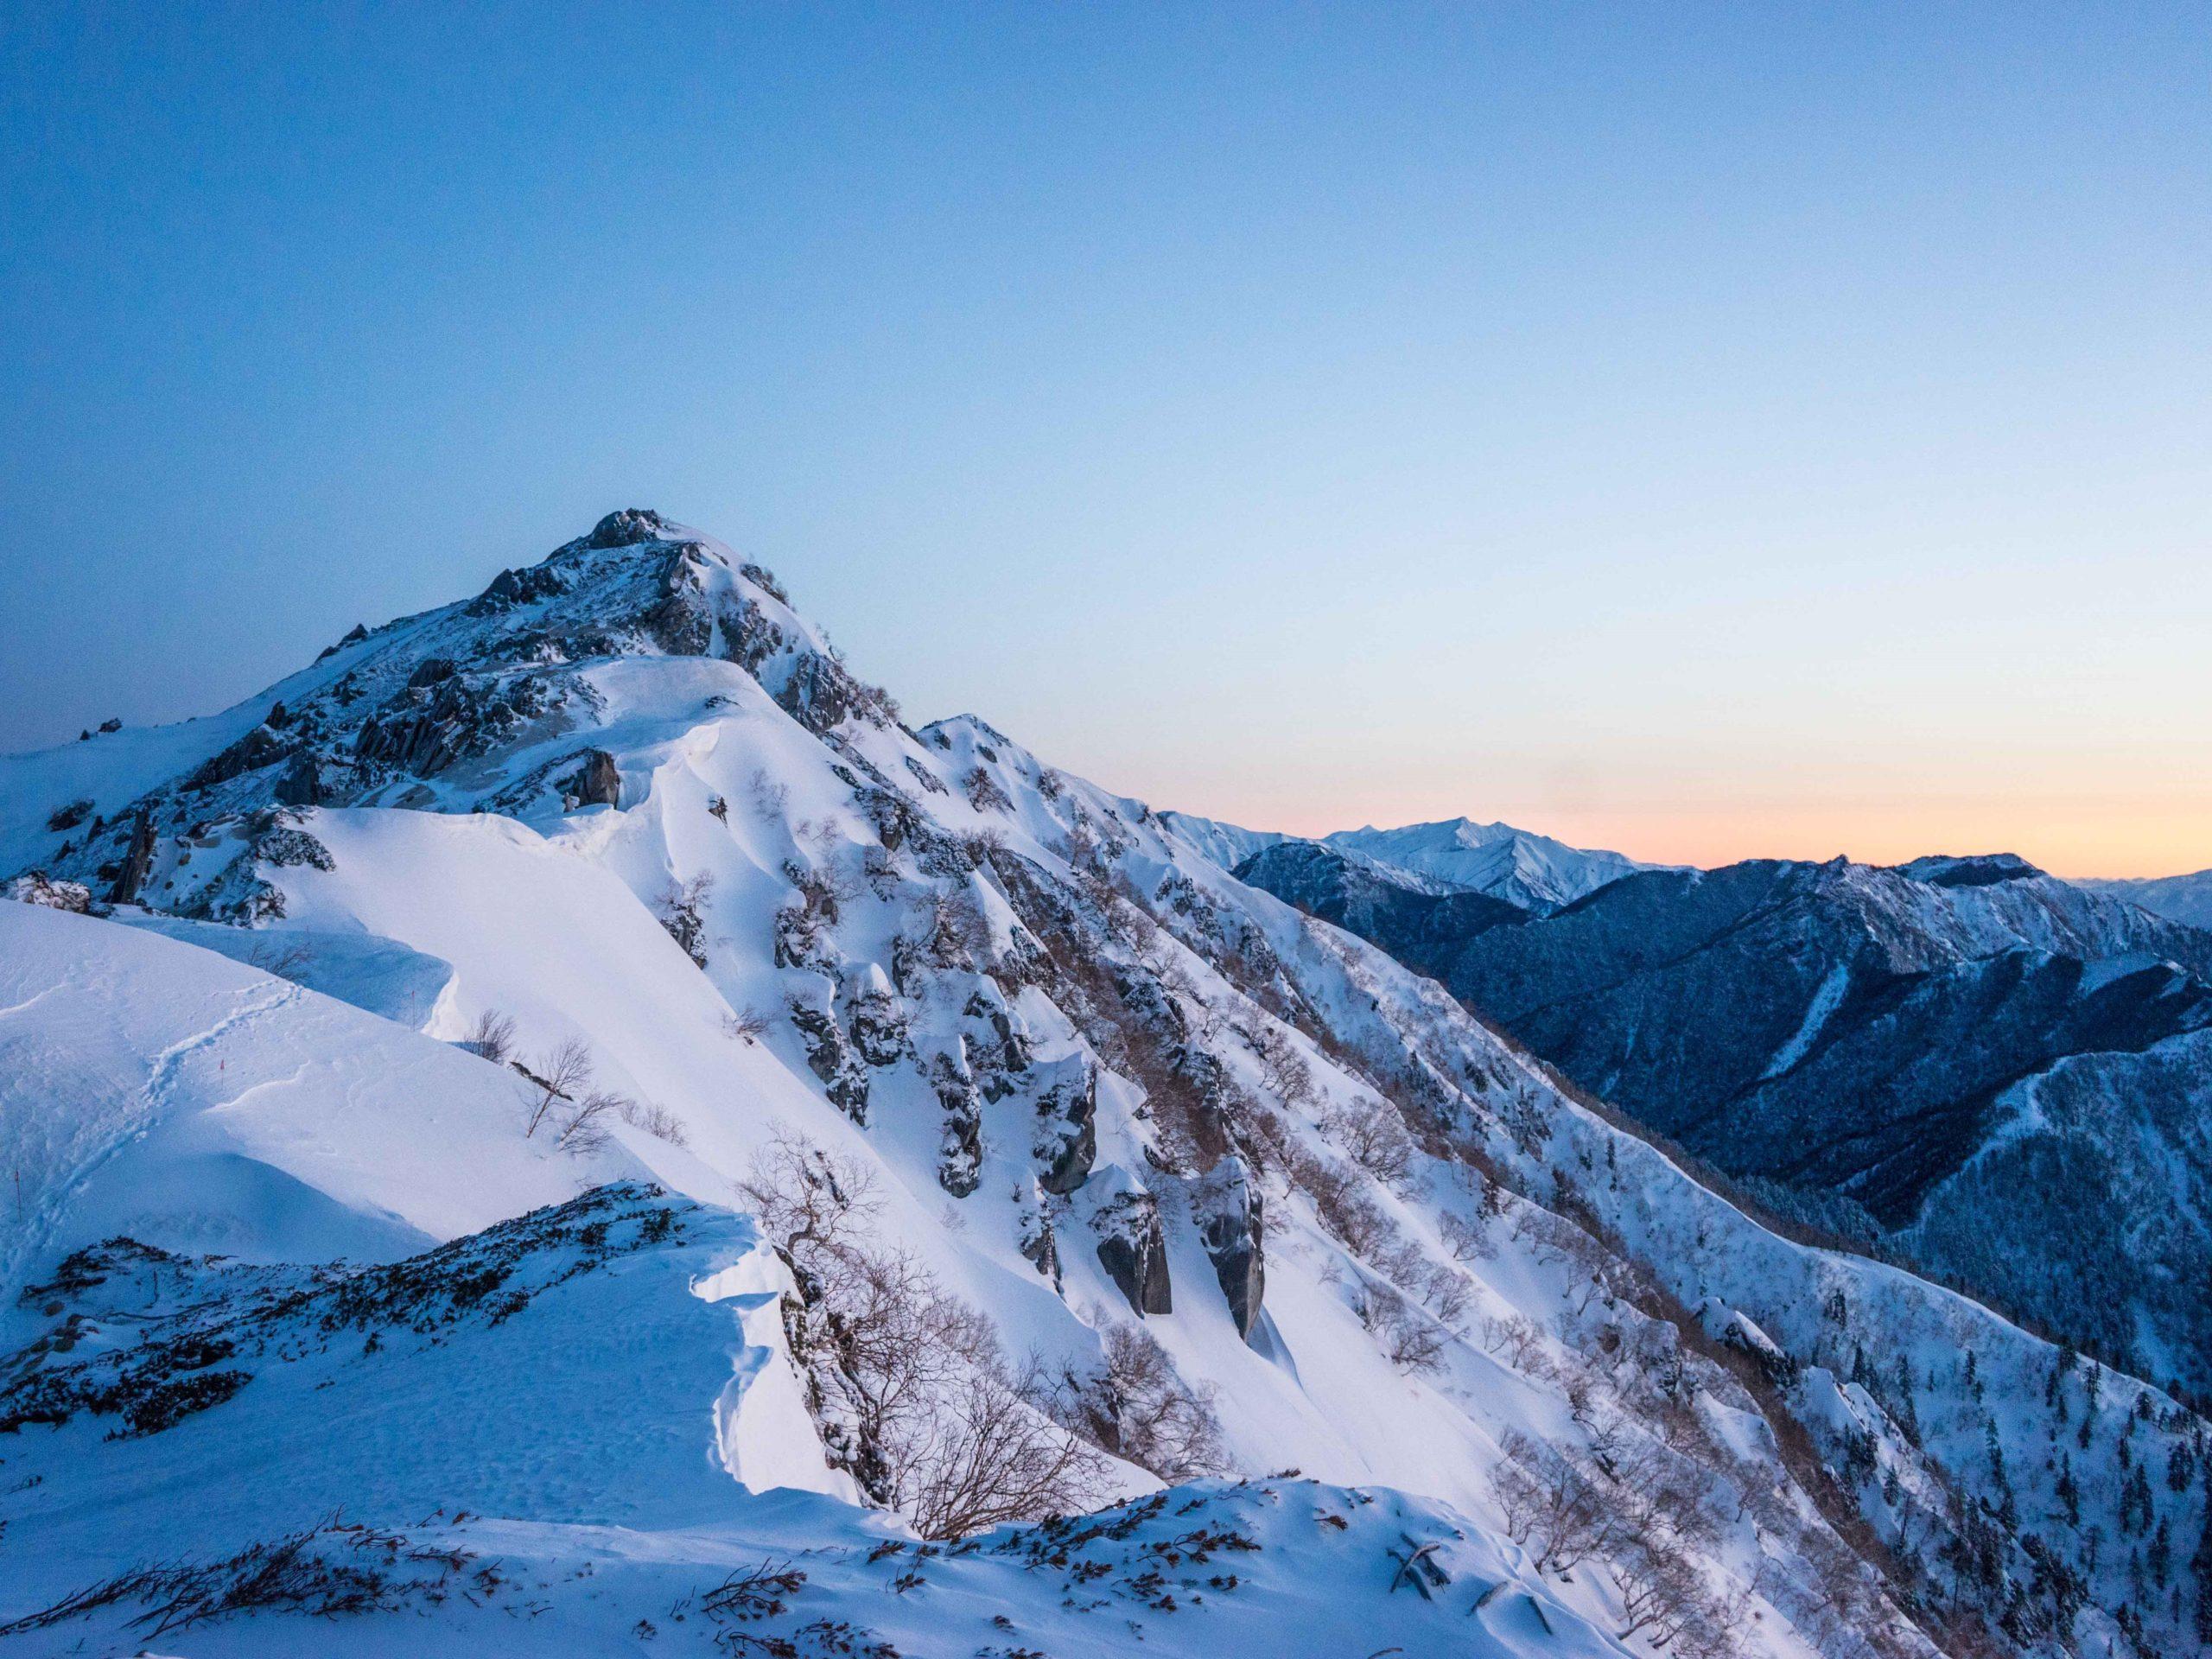 2022.5.2-4 山の講習会雪山編*雪山挑戦《燕岳》(W5)